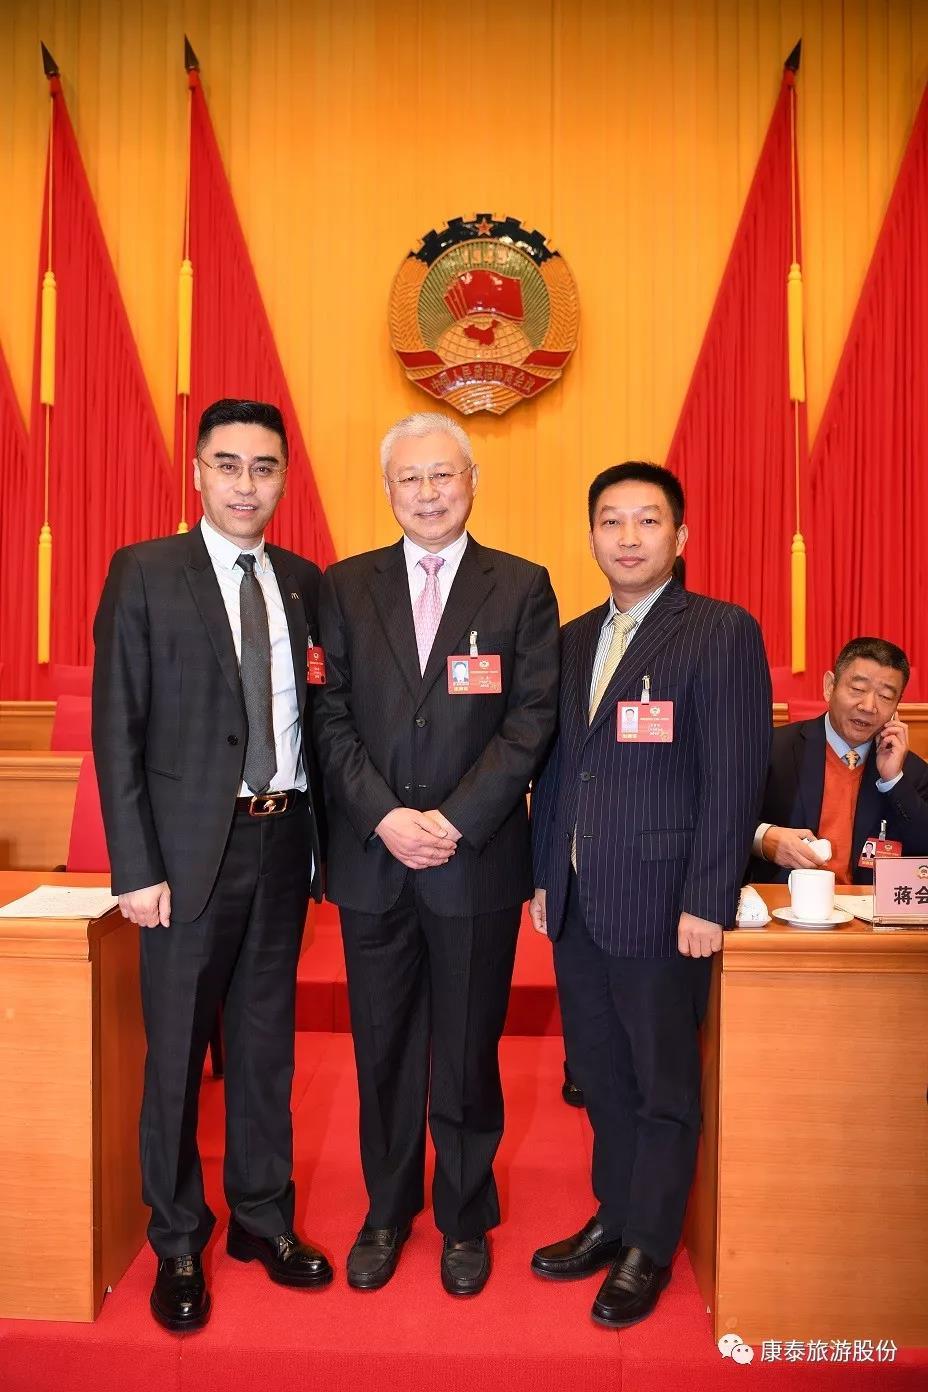 李繁华董事长与政协副主席王勇(左二)、常委陈嘉新(左一)